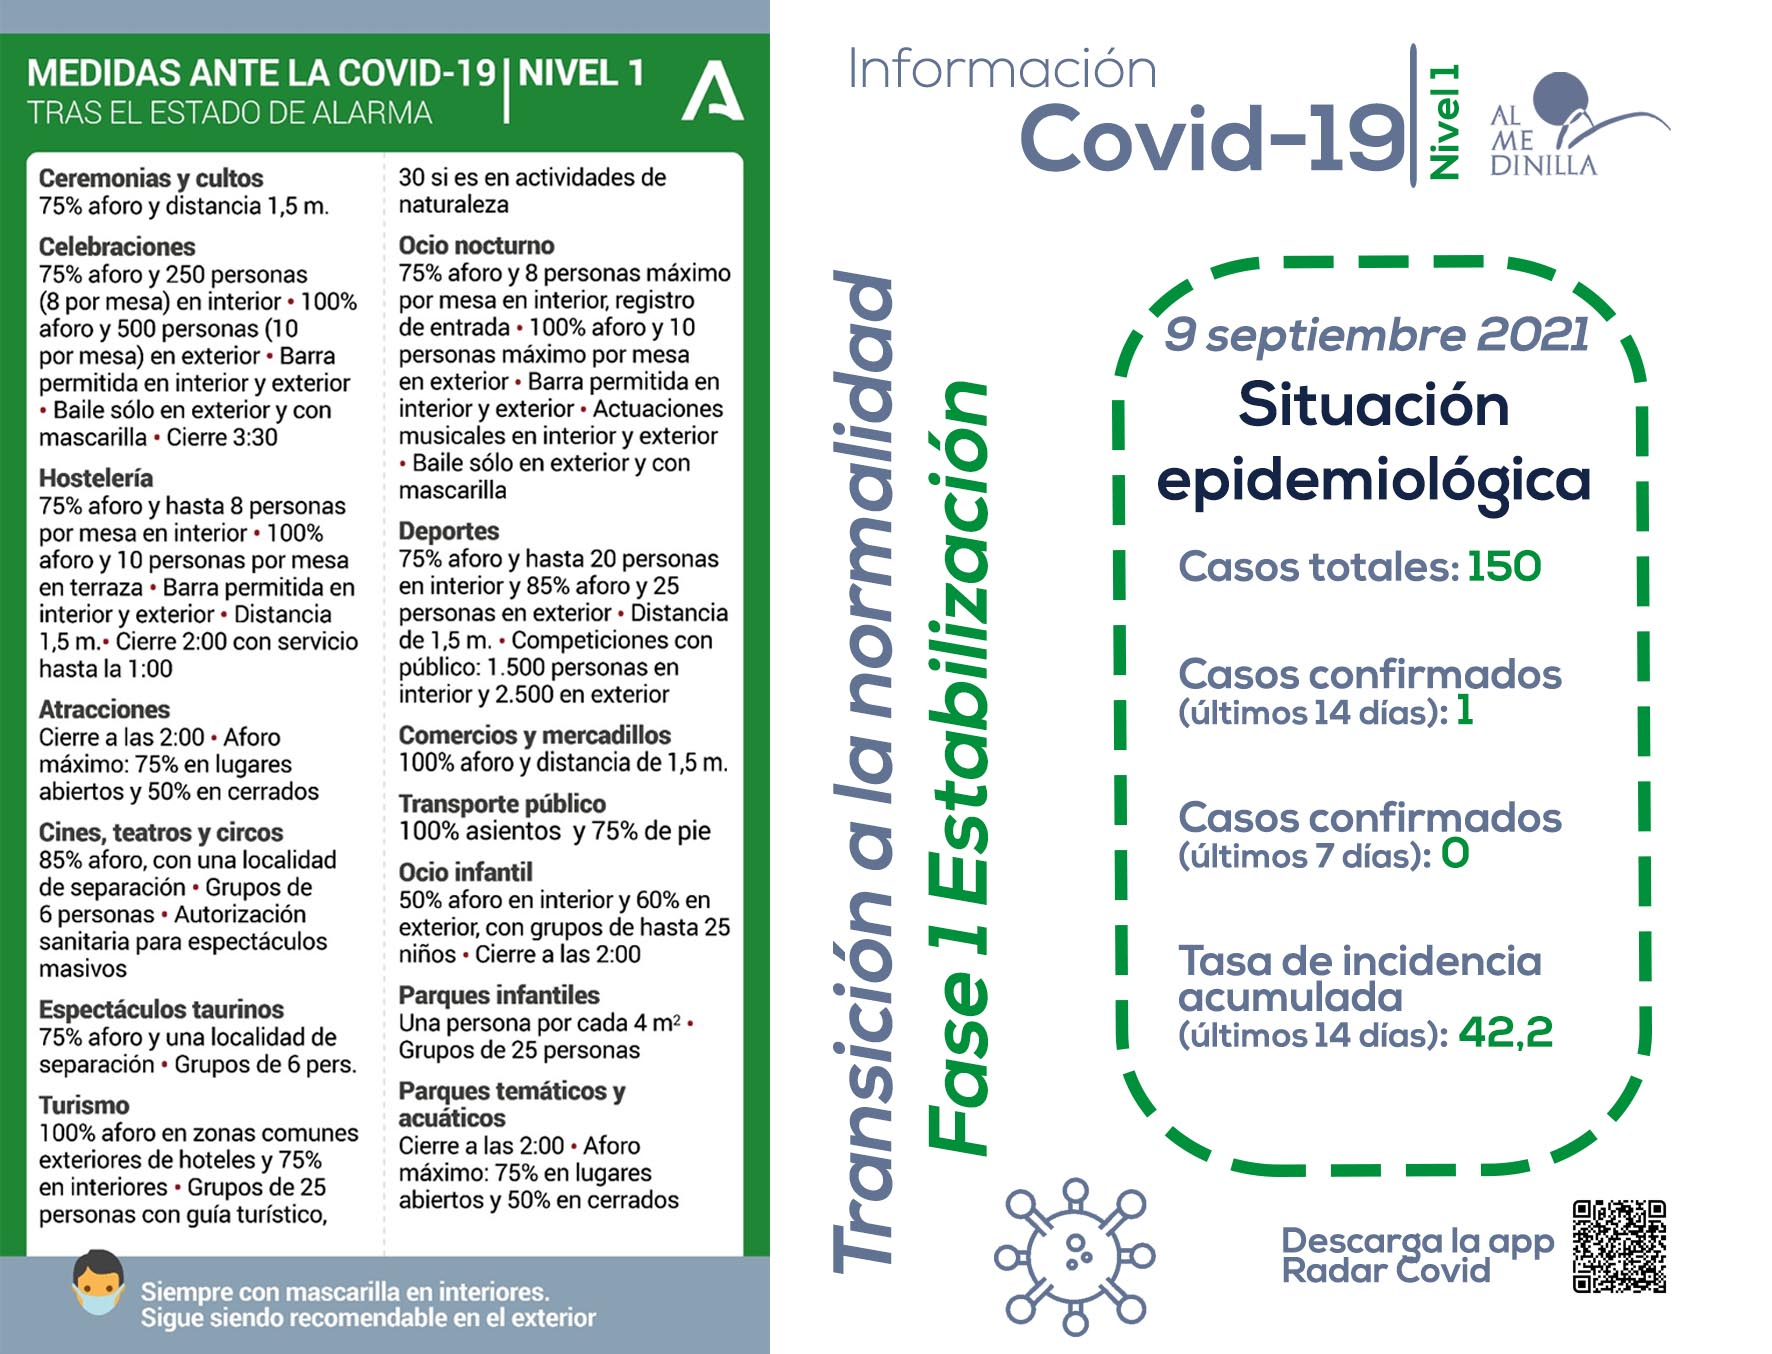 Covid info Almedinilla 9 septiembre 2021